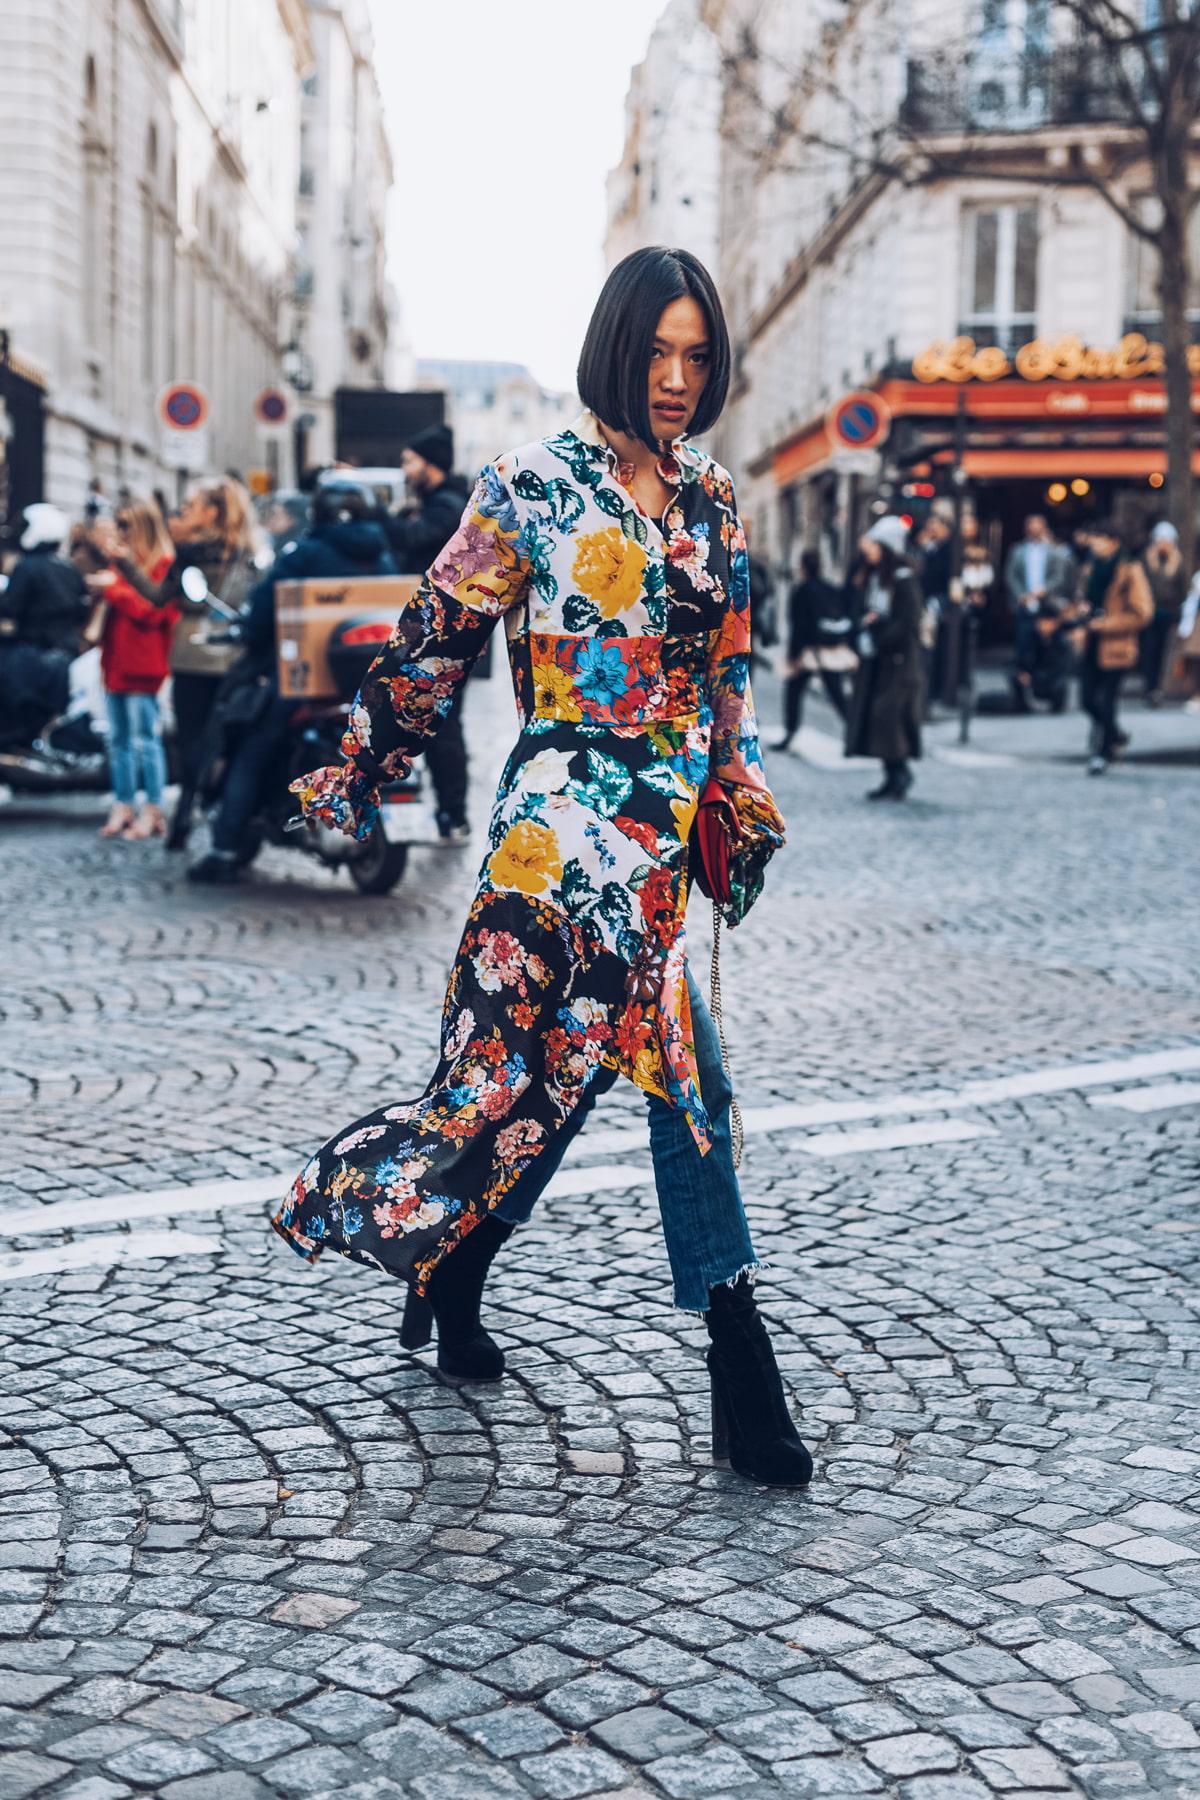 Paris Fashion Week, October